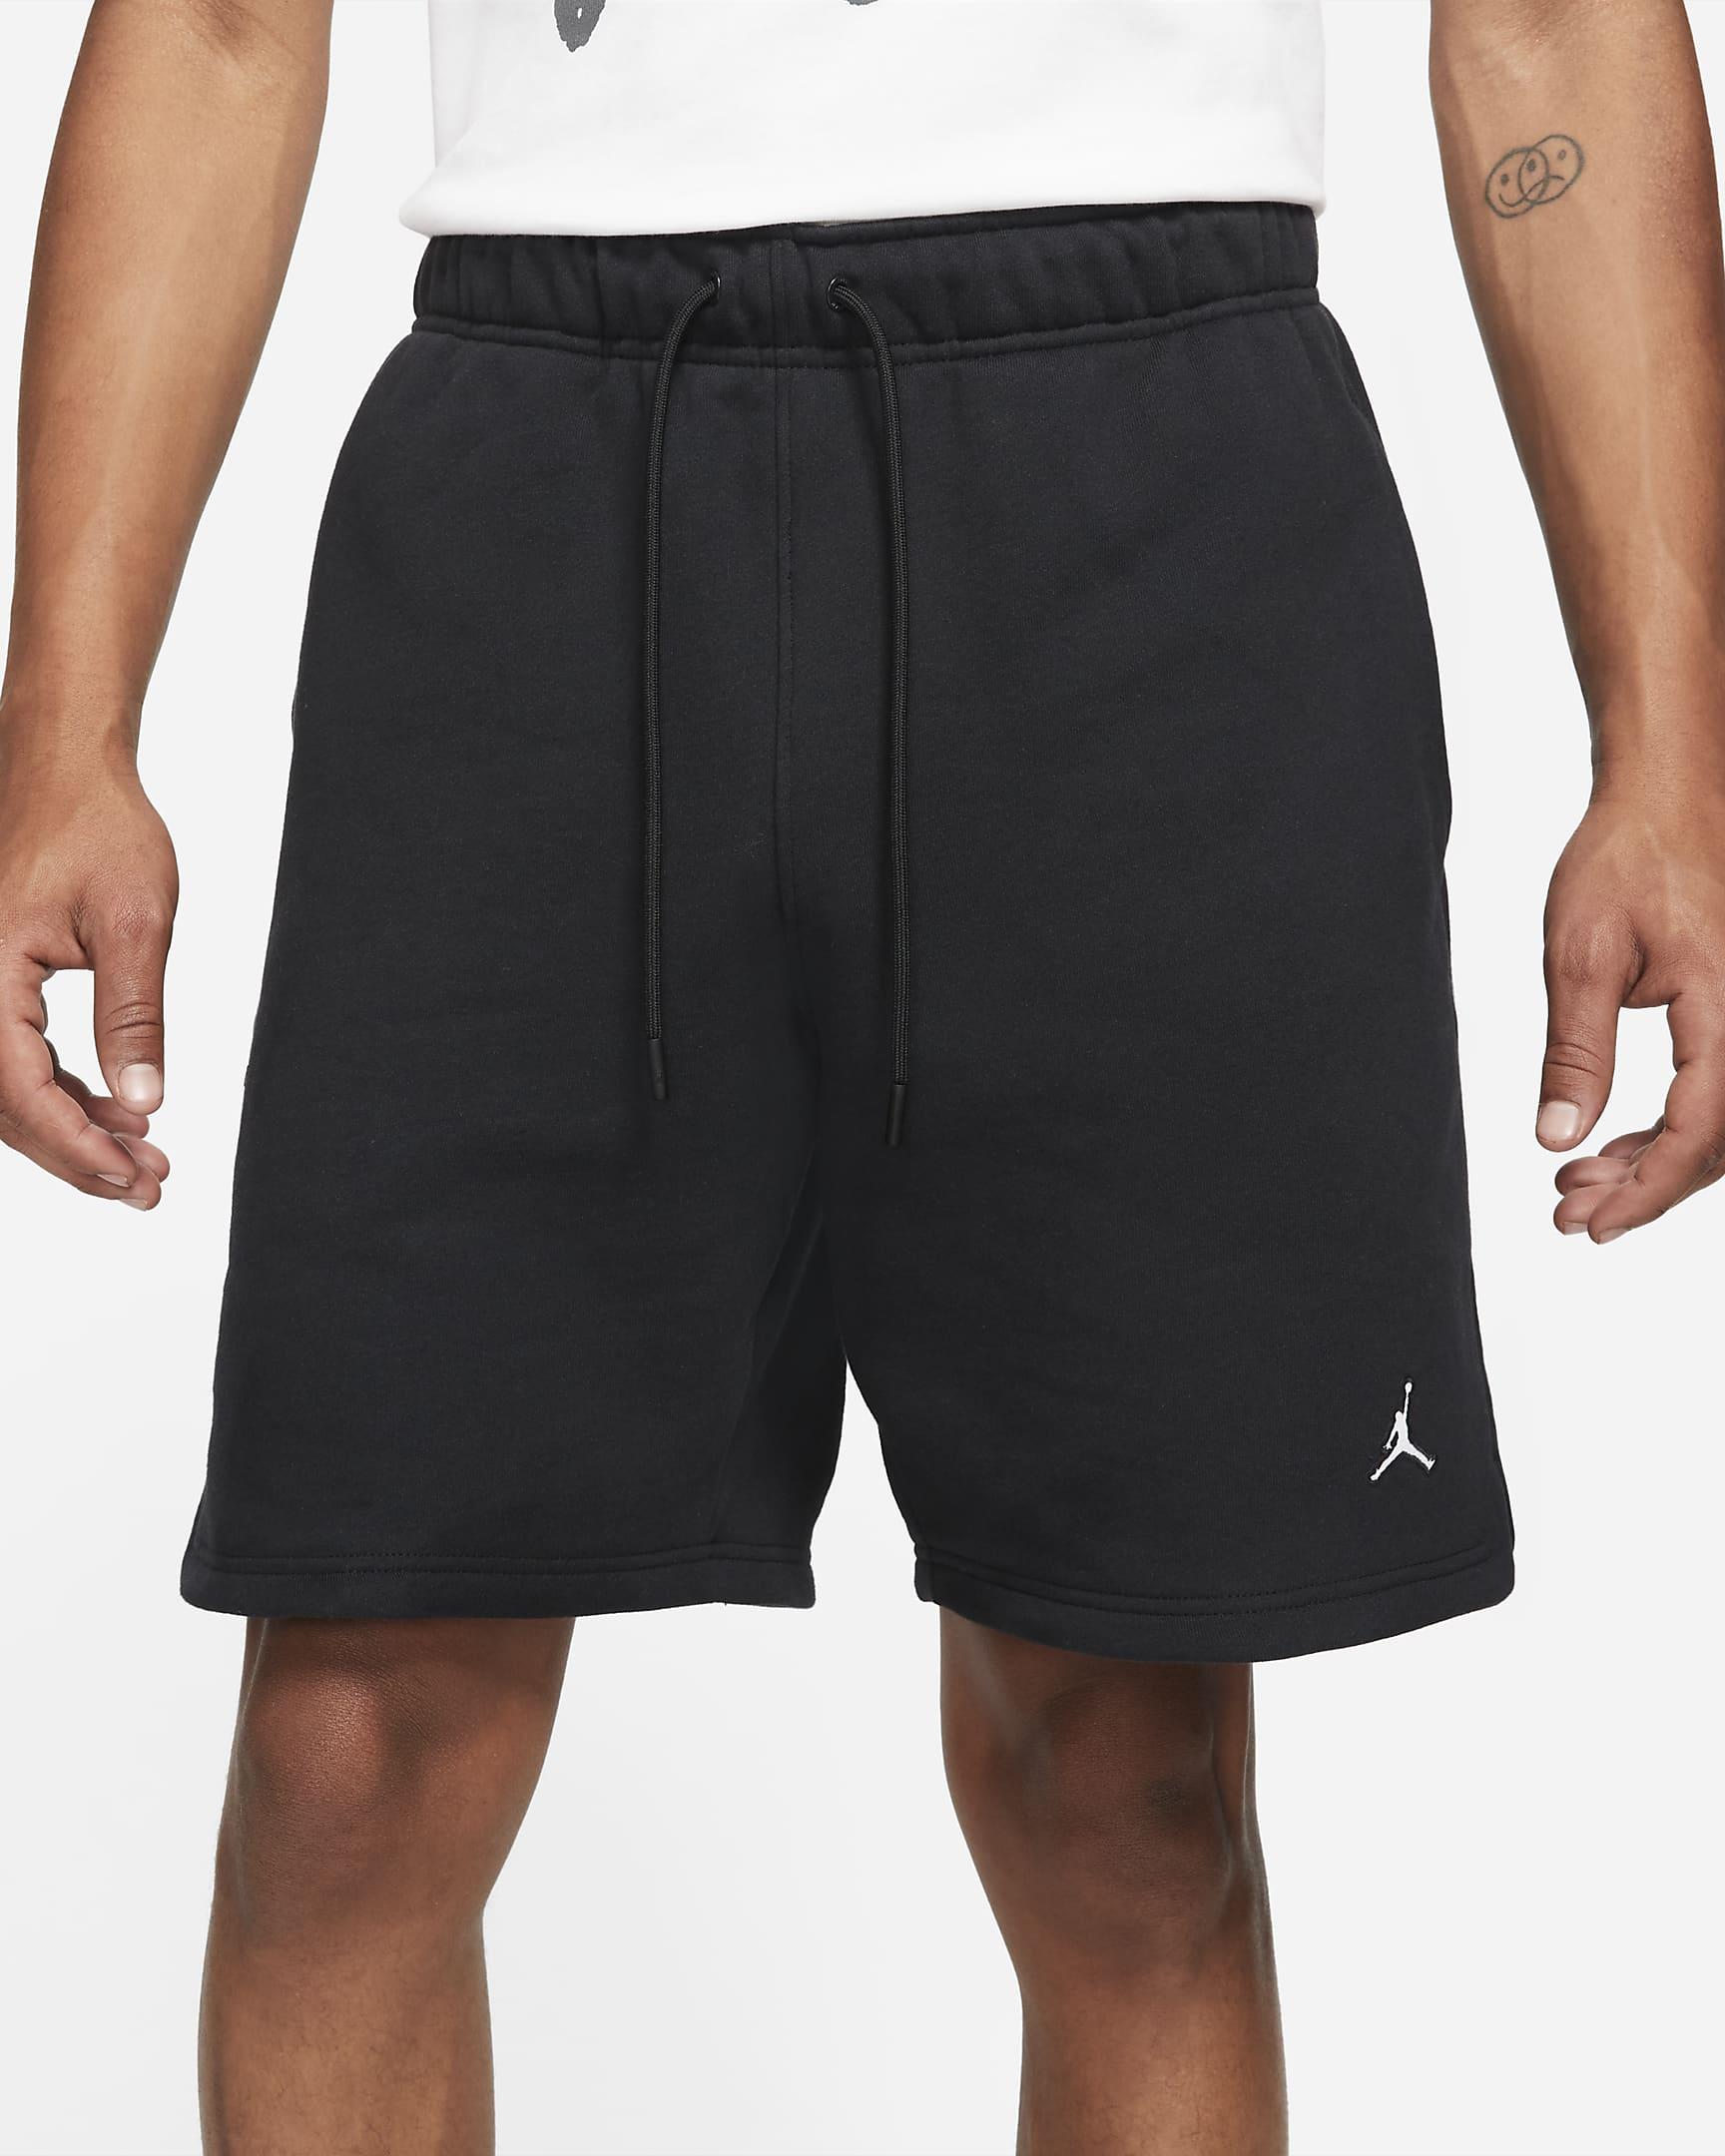 jordan-essentials-mens-fleece-shorts-nPMdCB-1.png